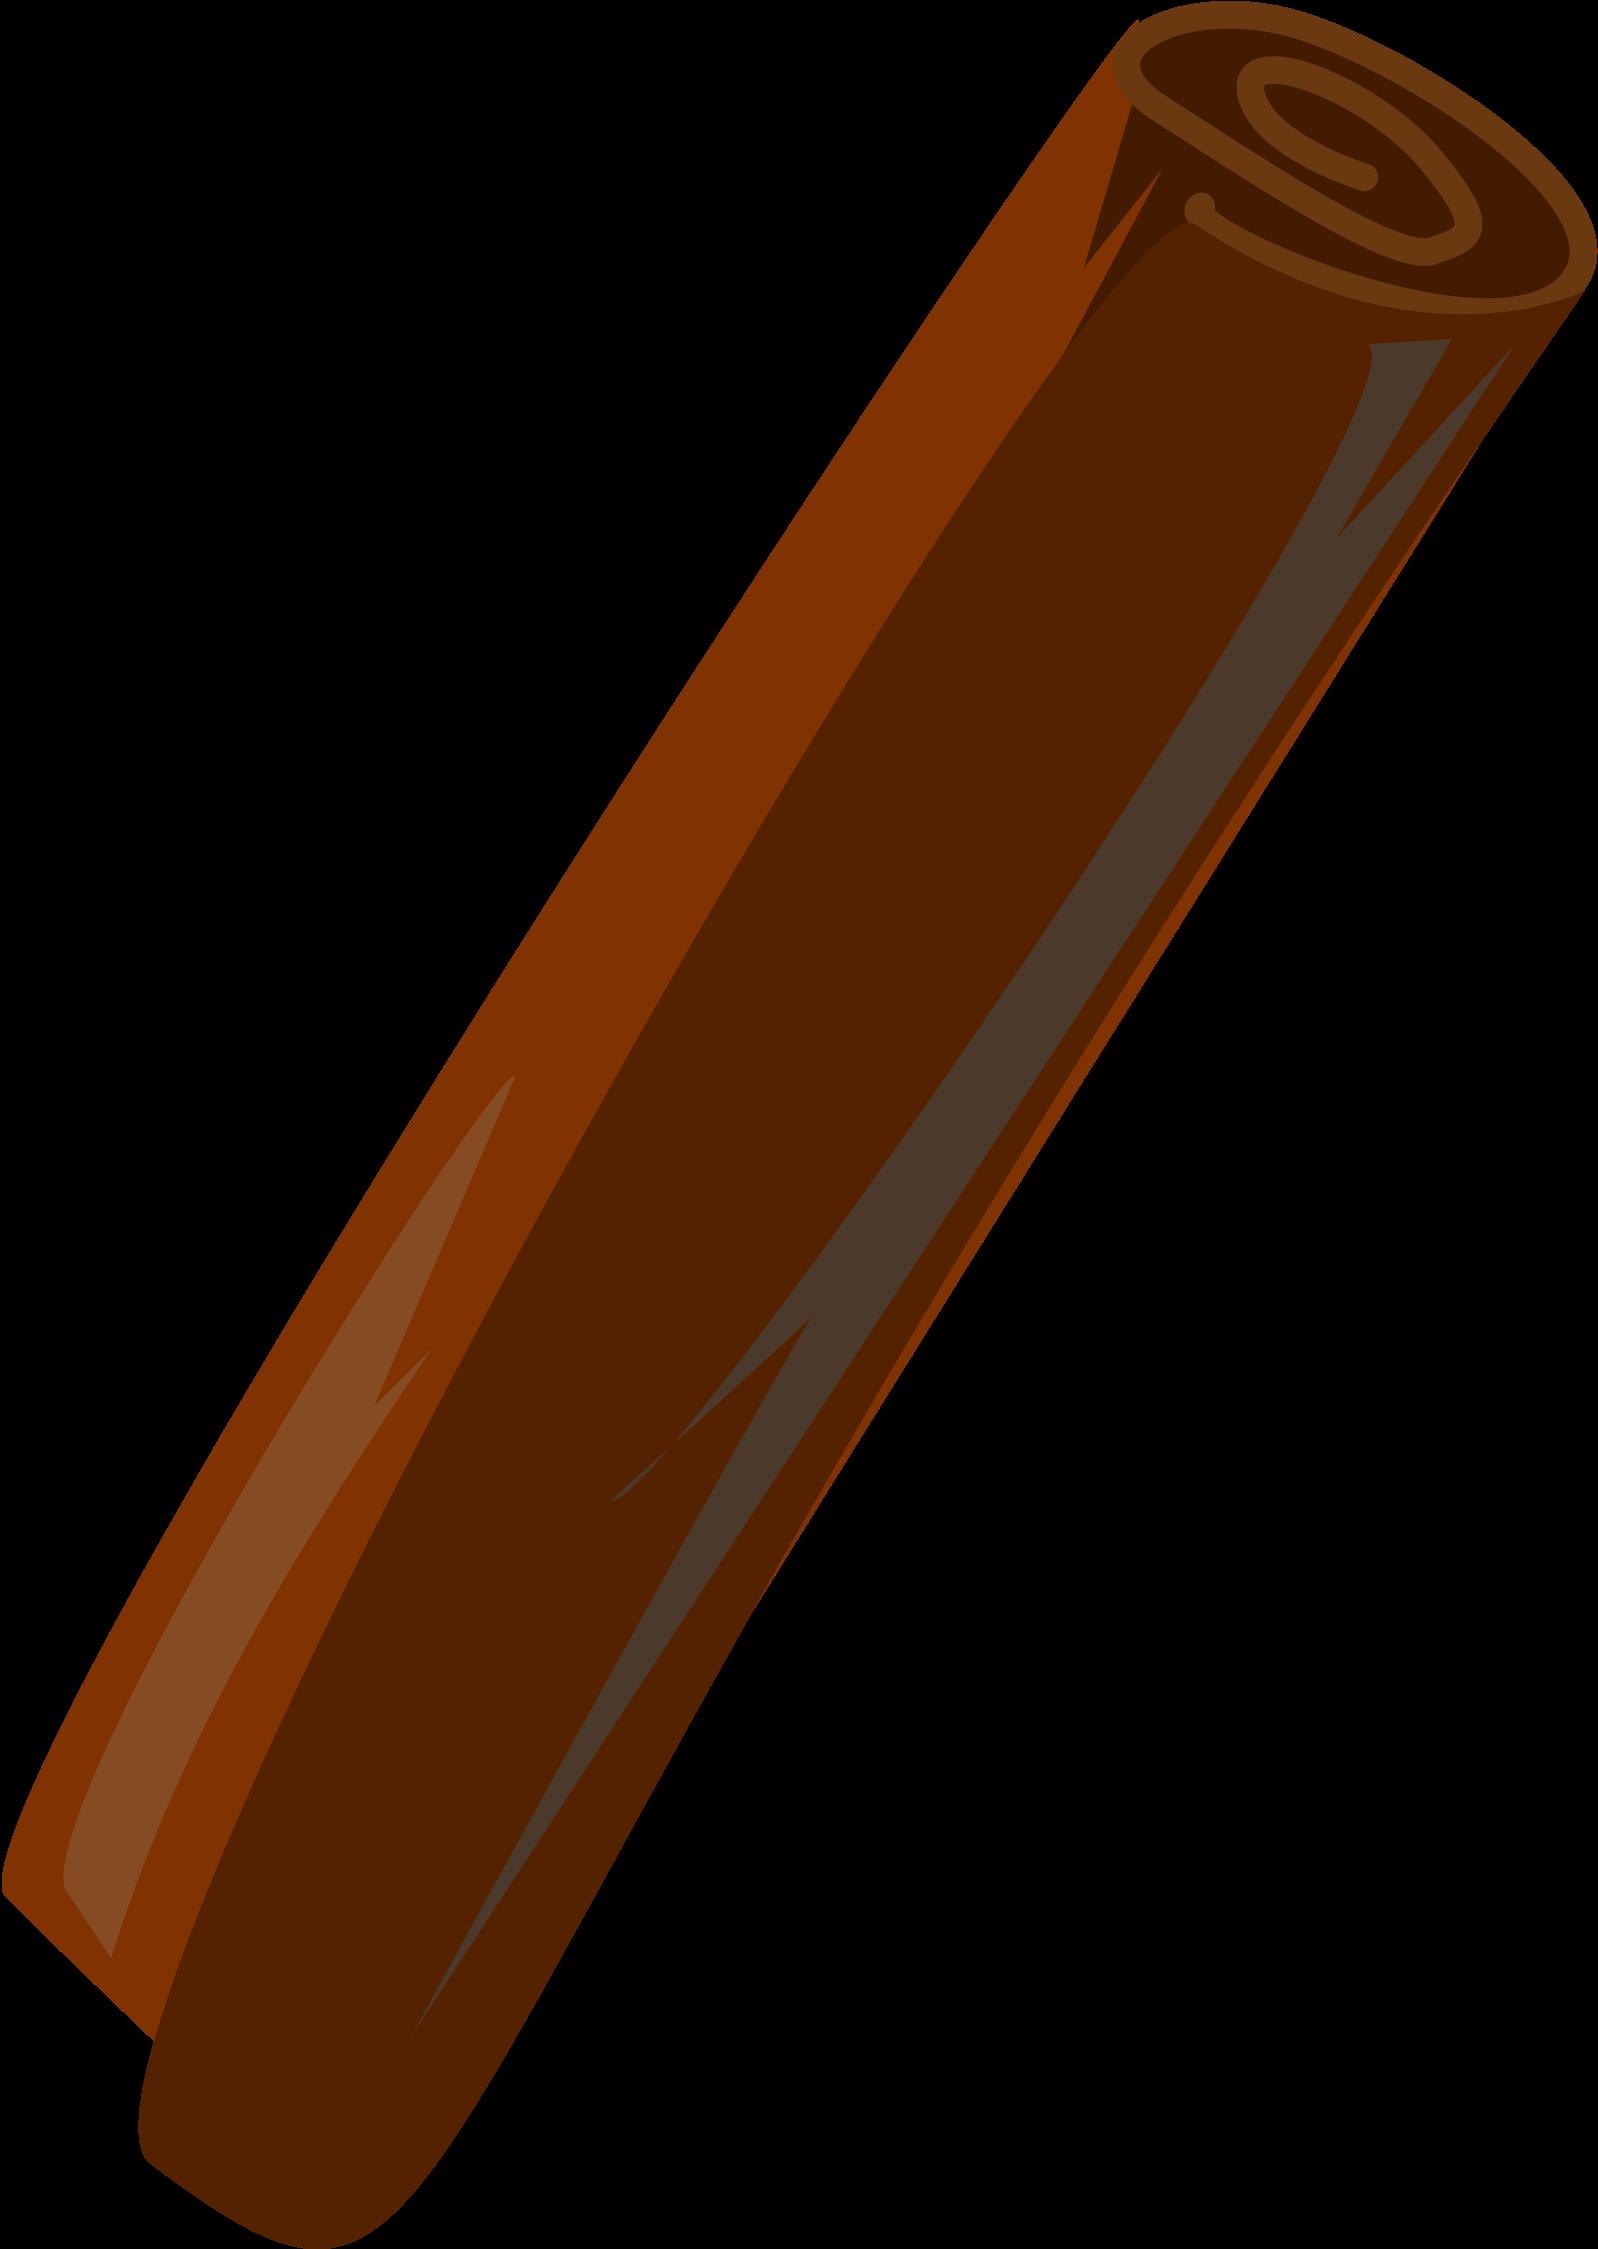 Cinnamon Cliparts.